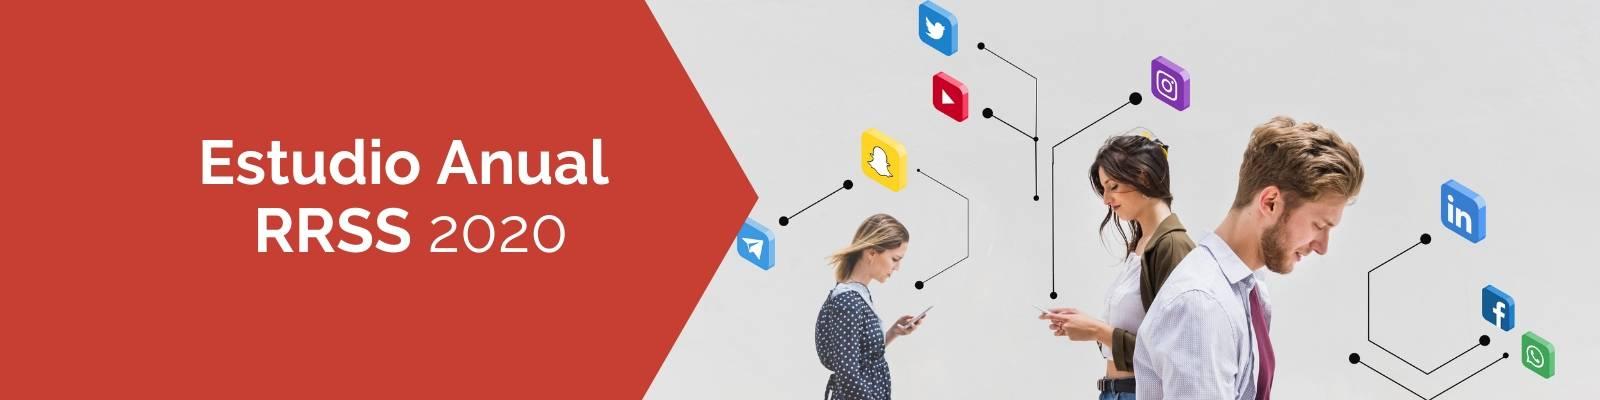 Claves del Estudio de Redes Sociales IAB 2020 by Elogia